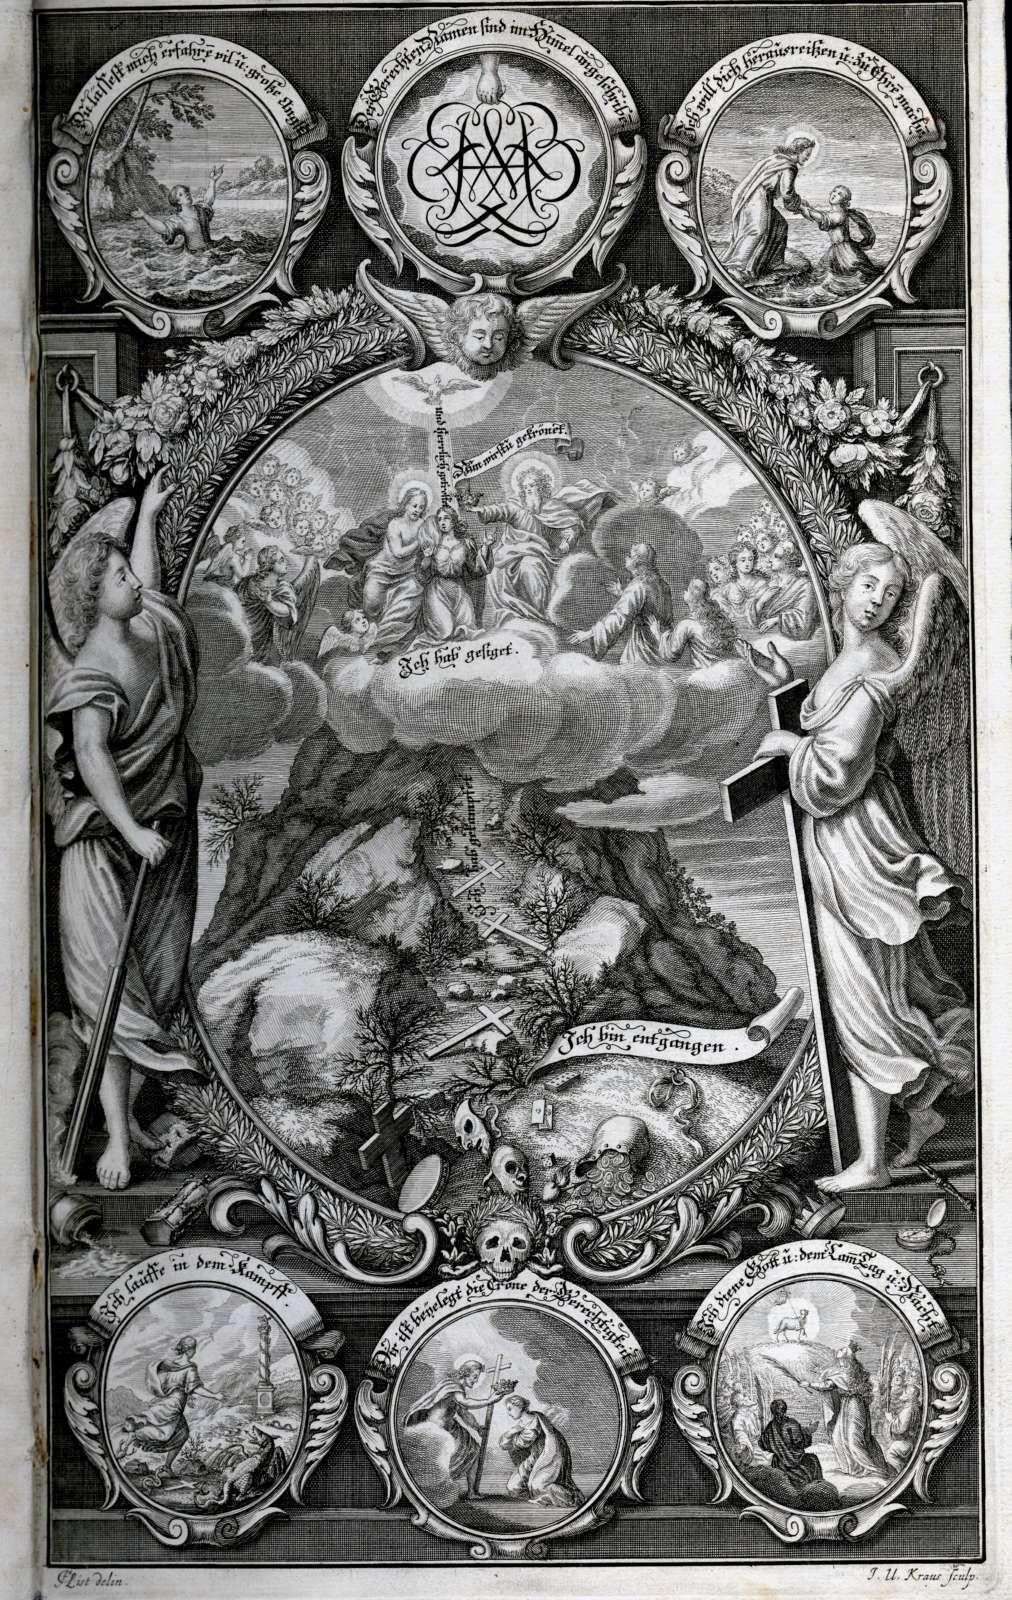 Leichenpredigten über Mitglieder des Hauses Württemberg, Bild 1